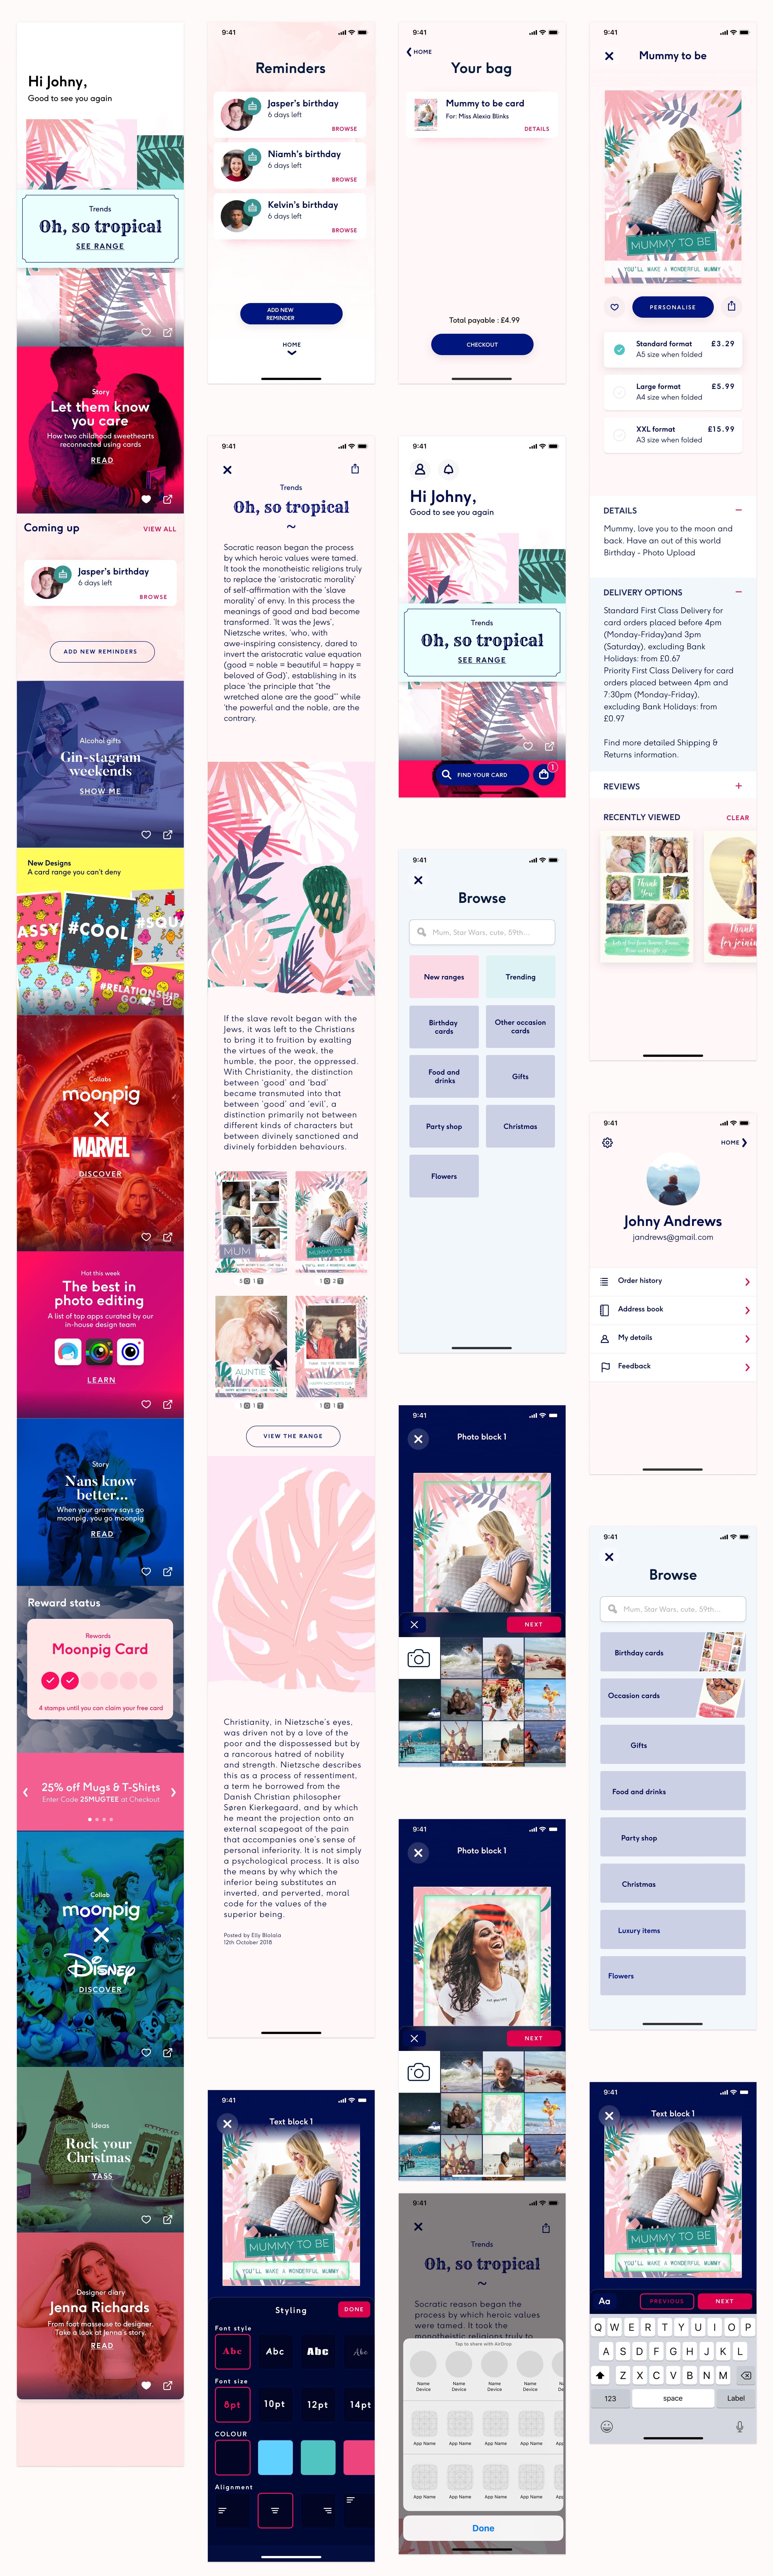 redesignv2.jpg